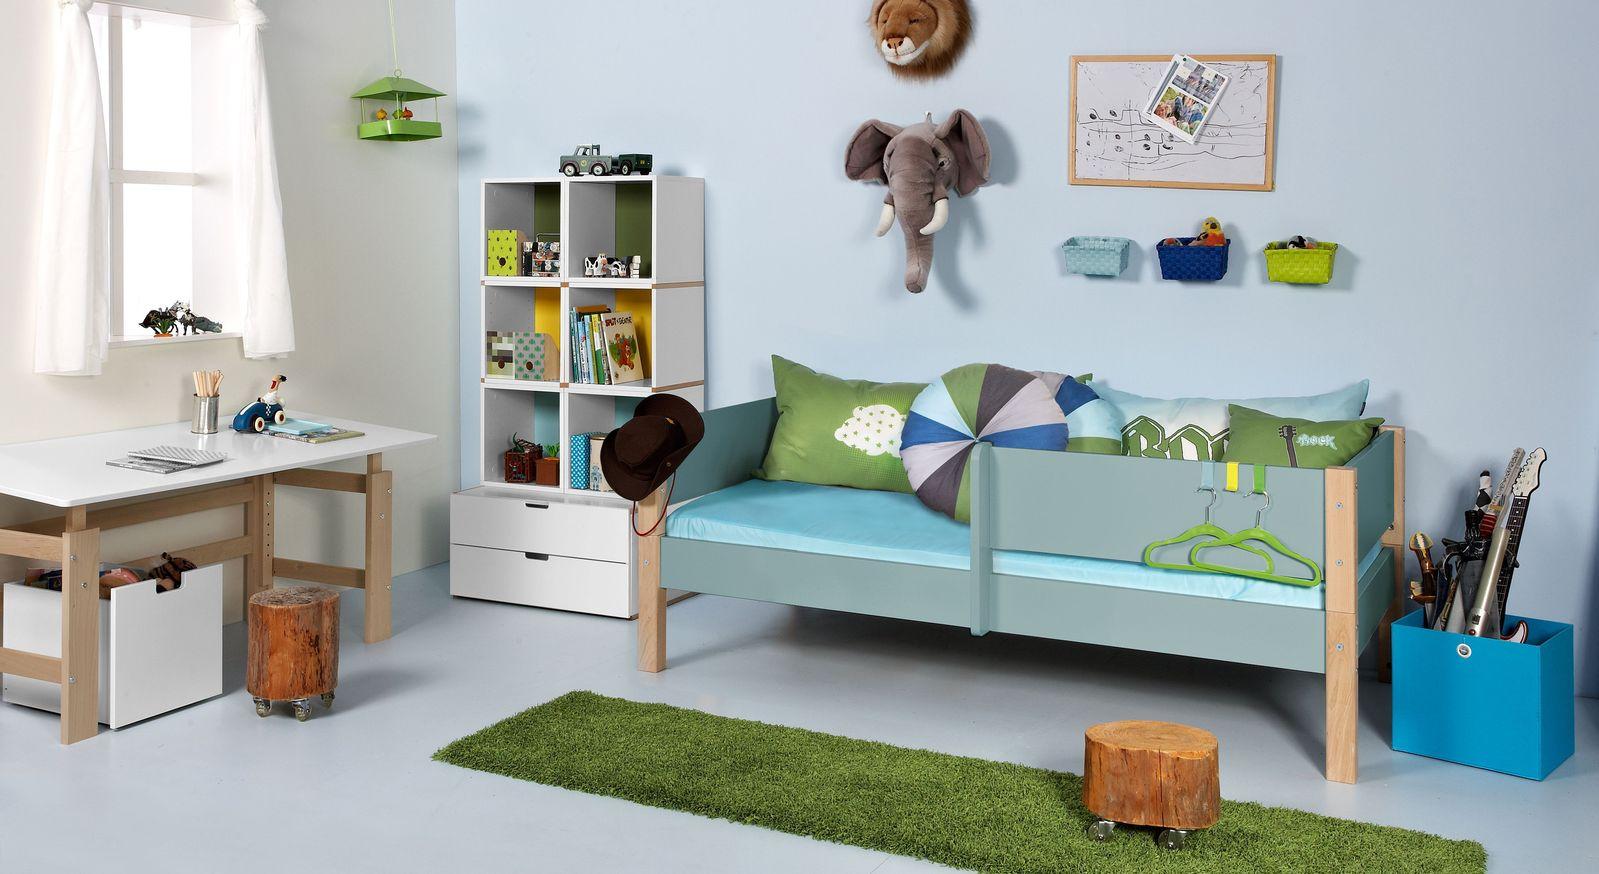 Passende Produkte zum Kinderbett Kids Town Color